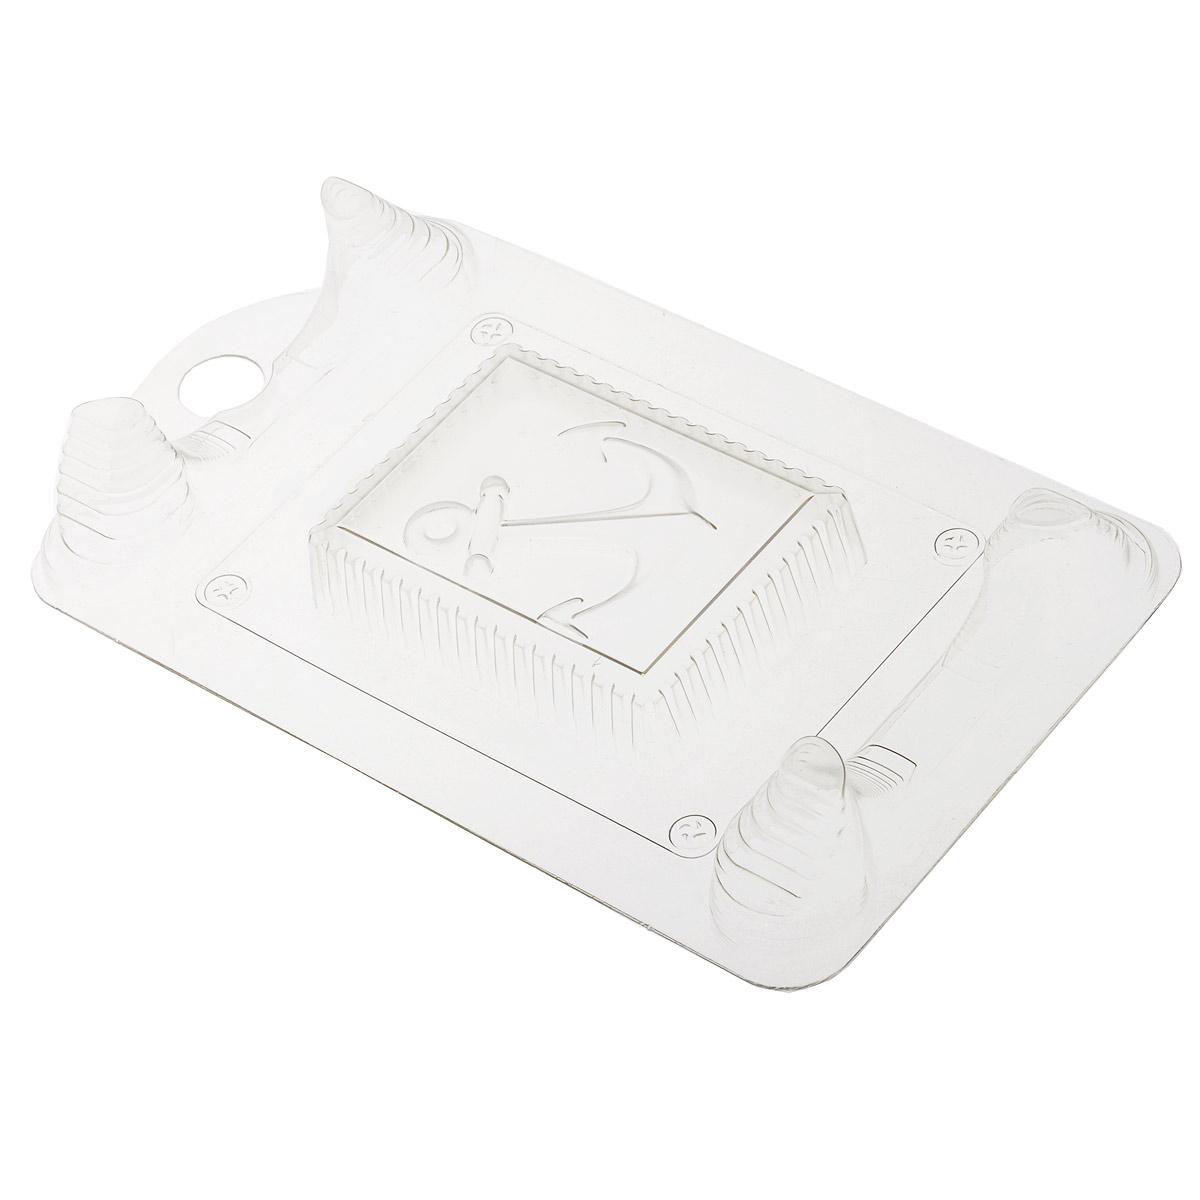 Форма для литья Выдумщики Якорь, 19 х 11,5 х 3 см2700770026009Форма для литья Выдумщики Якорь изготовлена из прозрачного пластика в виде почтовой марки с изображением якоря. Изготовленное в такой форме мыло получит забавный, оригинальный дизайн. При помощи такой прозрачной формы для литья можно самостоятельно изготовить домашнее мыло, а так же оригинальную свечу для украшения праздничного стола и интерьера.